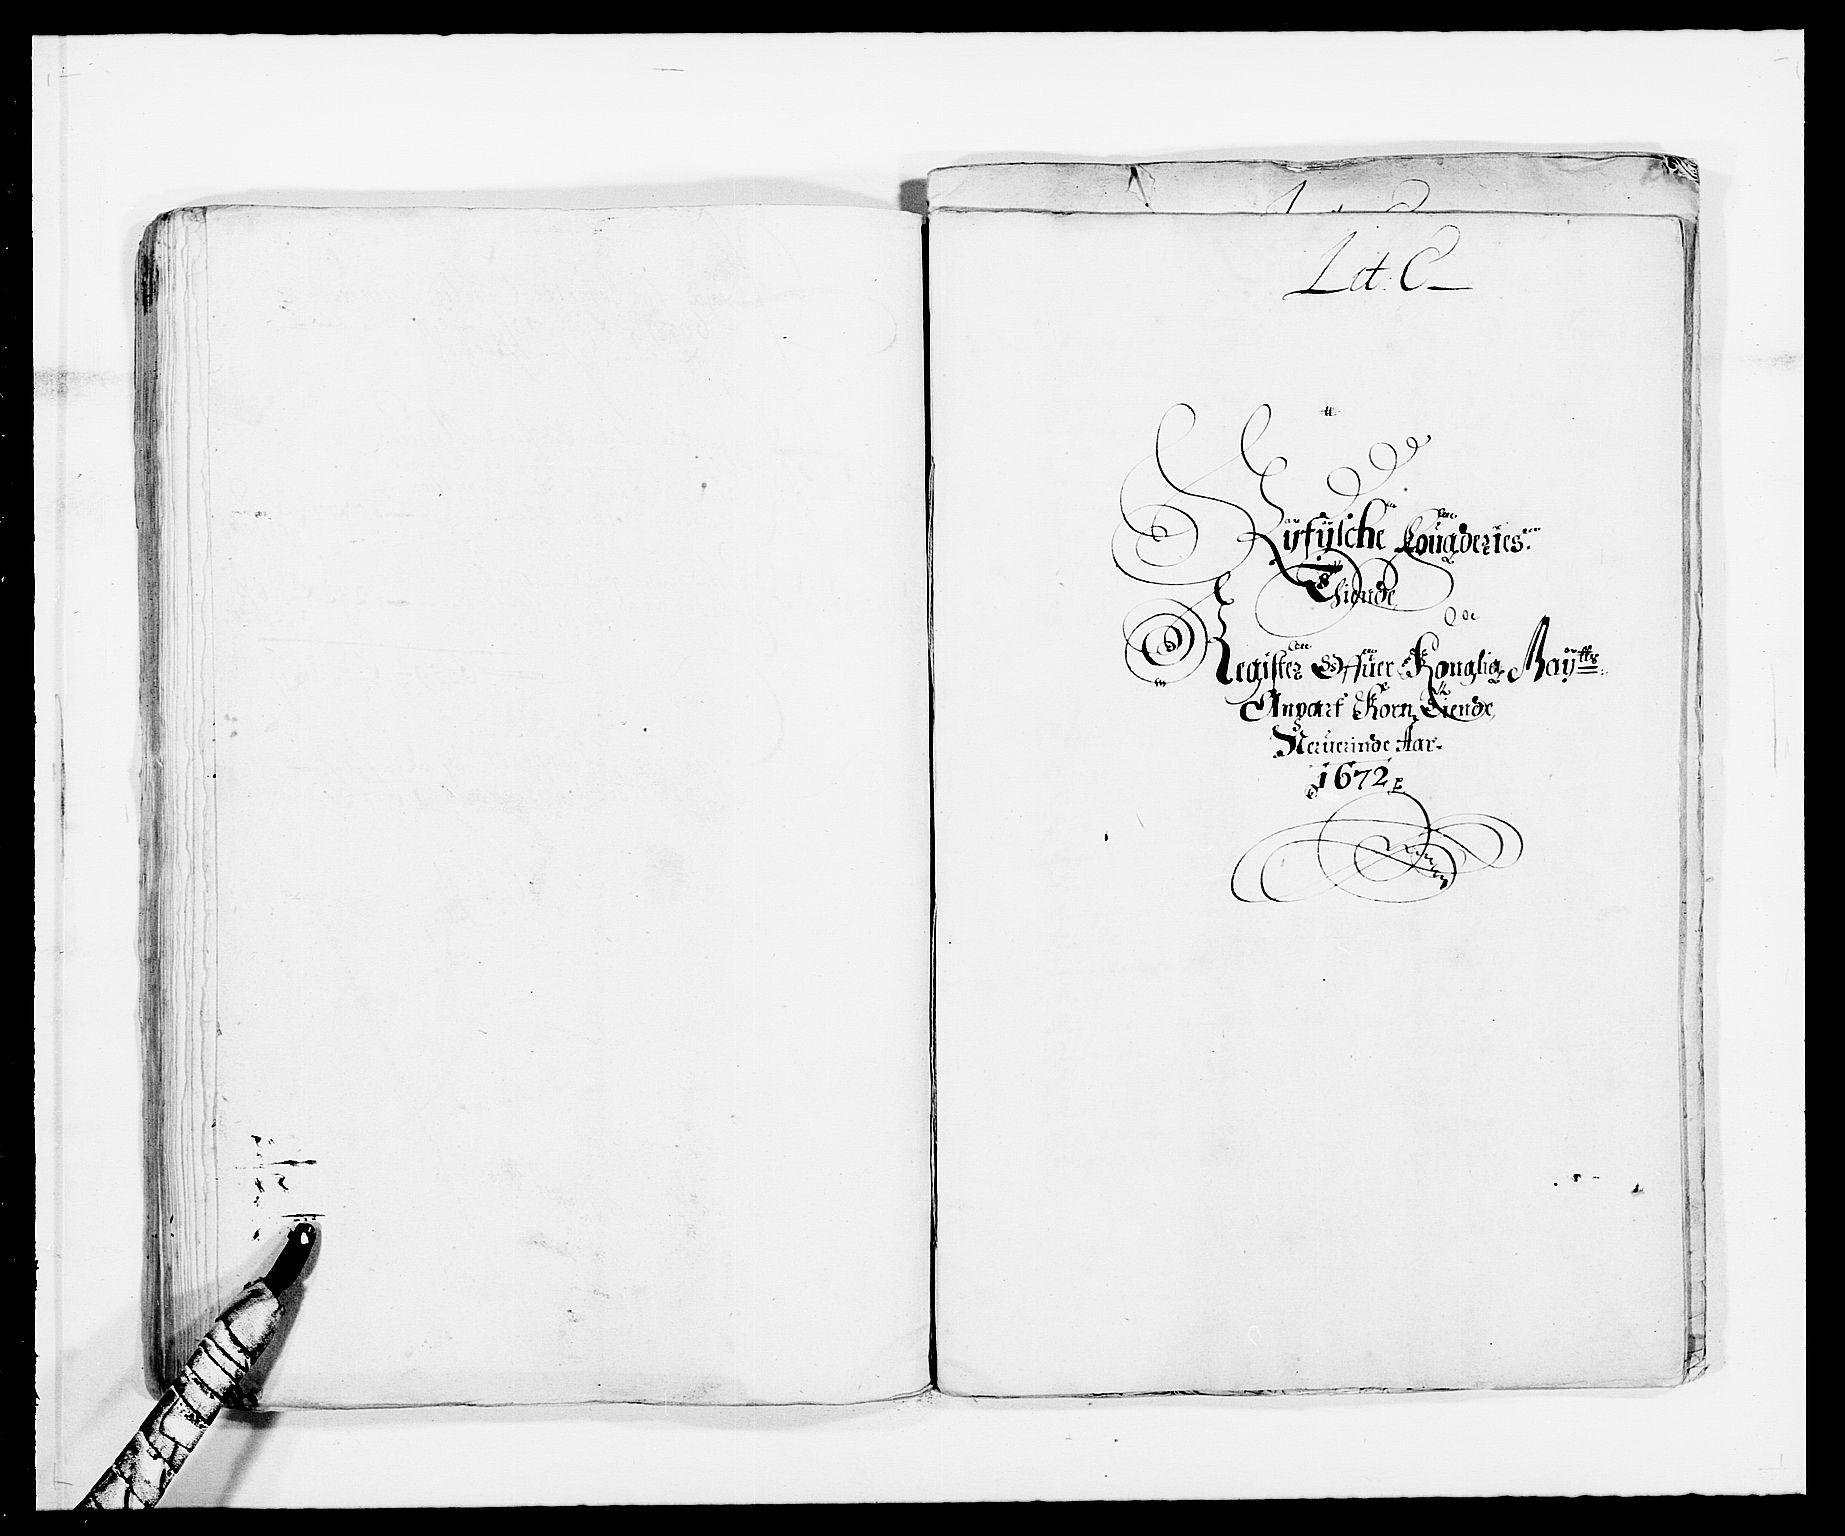 RA, Rentekammeret inntil 1814, Reviderte regnskaper, Fogderegnskap, R47/L2844: Fogderegnskap Ryfylke, 1672-1673, s. 93